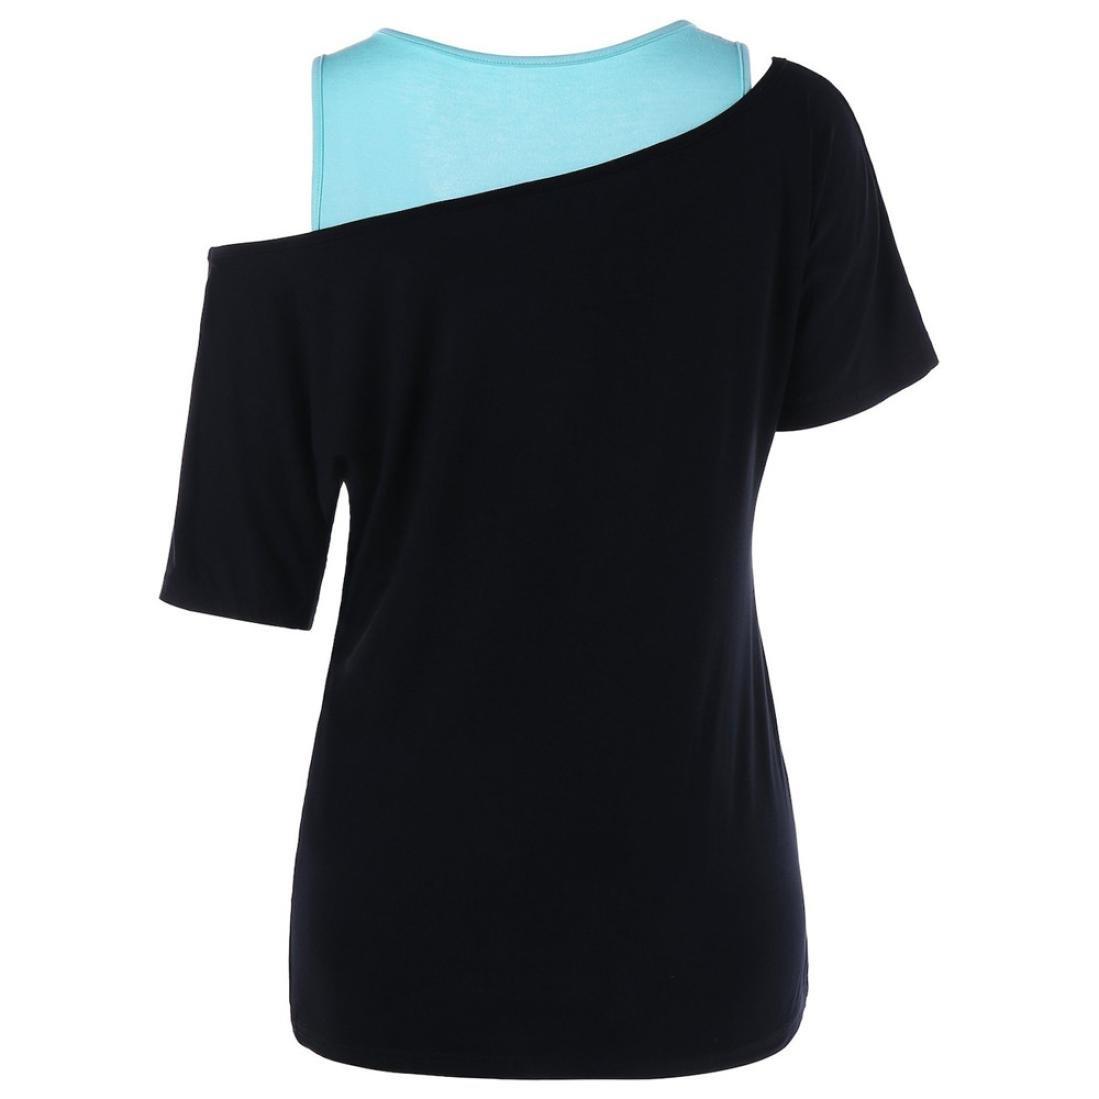 Zarupeng 2PCS Set Moda para Mujer Diente de León Impresa Camiseta de Hombro Frío + Solid Tank Tops: Amazon.es: Ropa y accesorios